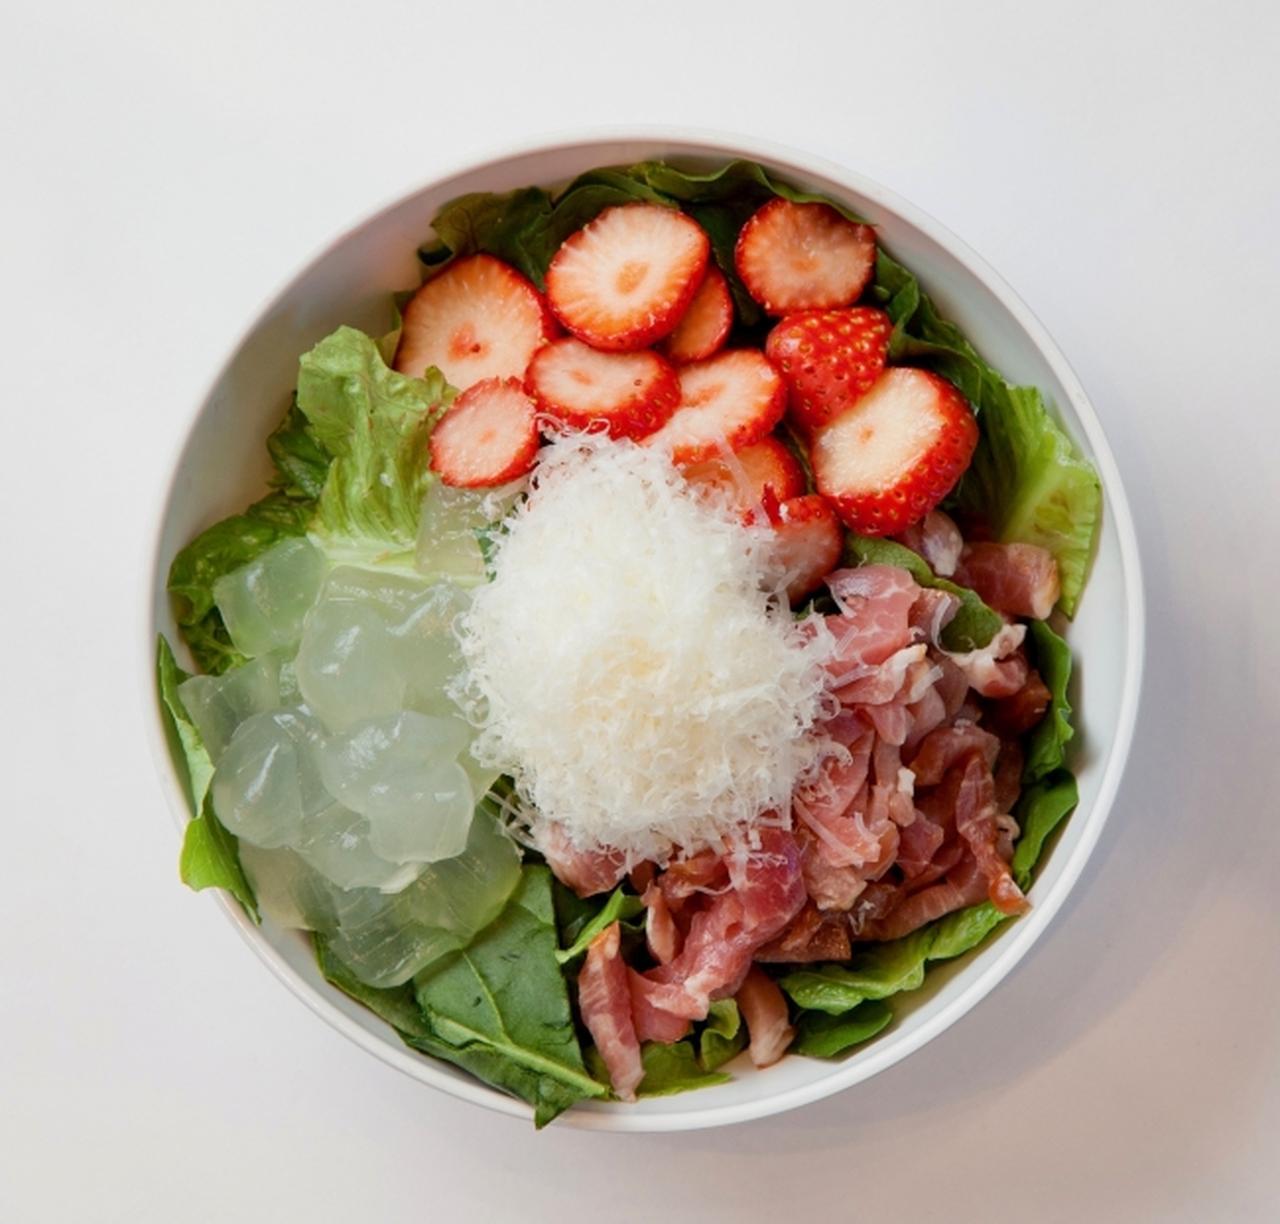 画像: ベリーズ&プロシュート 1,190円(税別) レッド、ピンク、グリーンが彩る華やかなルックスが春の訪れを告げる一皿は、甘酸っぱいいちごと程よい塩気の生ハム、ぷるんと弾けるアロエの食感が楽しめる贅沢かつ新感覚のサラダ。 バルサミコビネグレットドレッシングが甘みと酸味、塩気をとまとめ、仕上げにはシェイブドパルメザンチーズをふりかけて、コクをプラスしました。